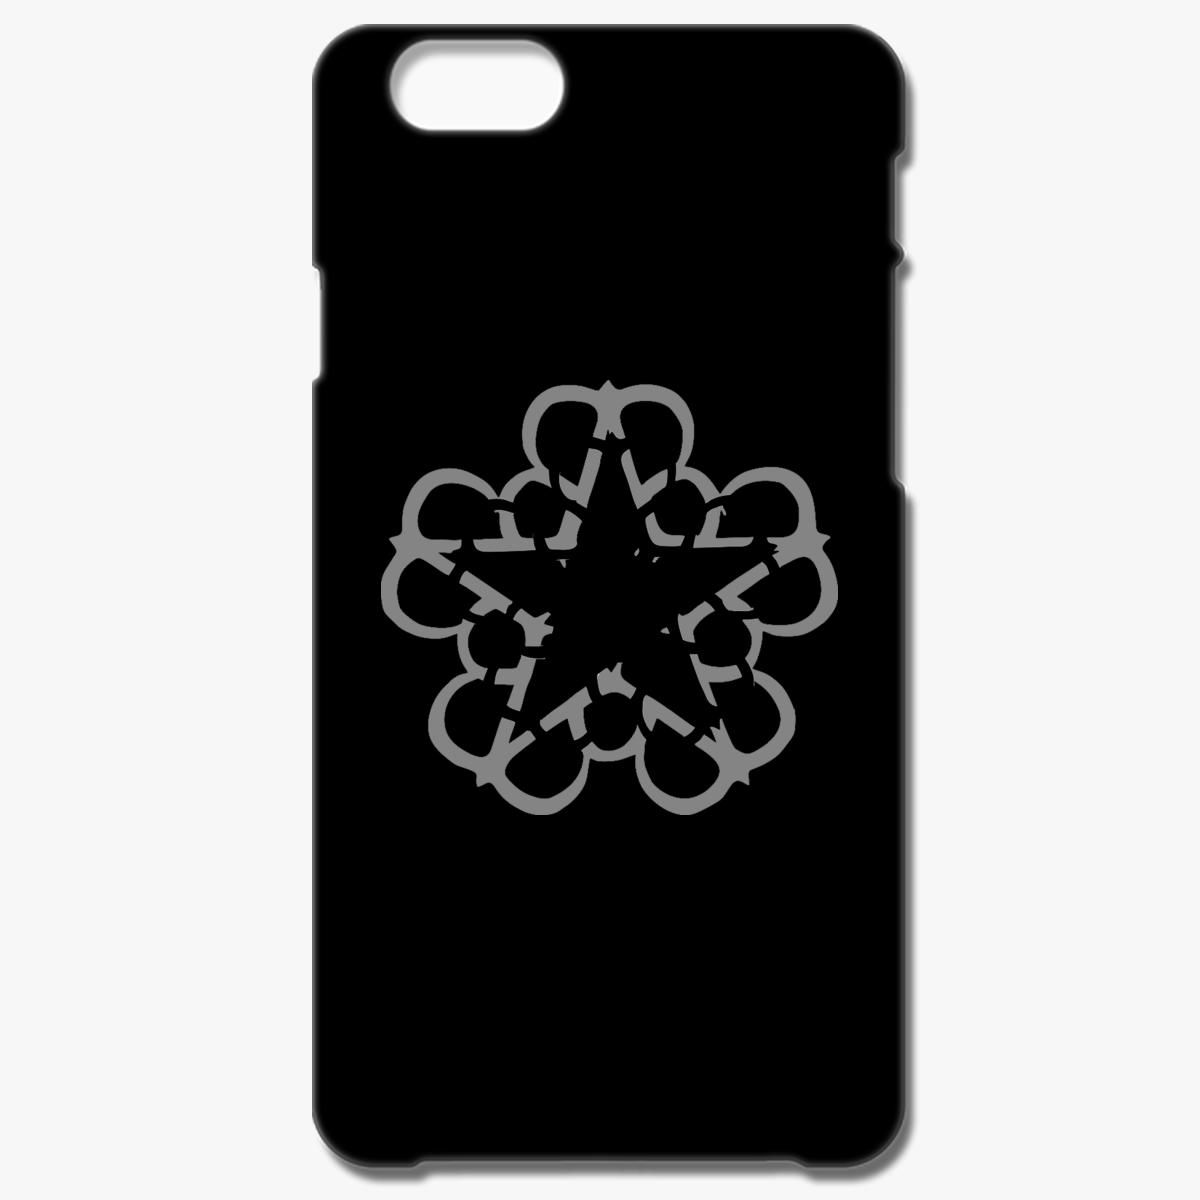 reputable site 5d056 f0ad0 Black Veil Brides iPhone 6/6S Plus Case - Customon